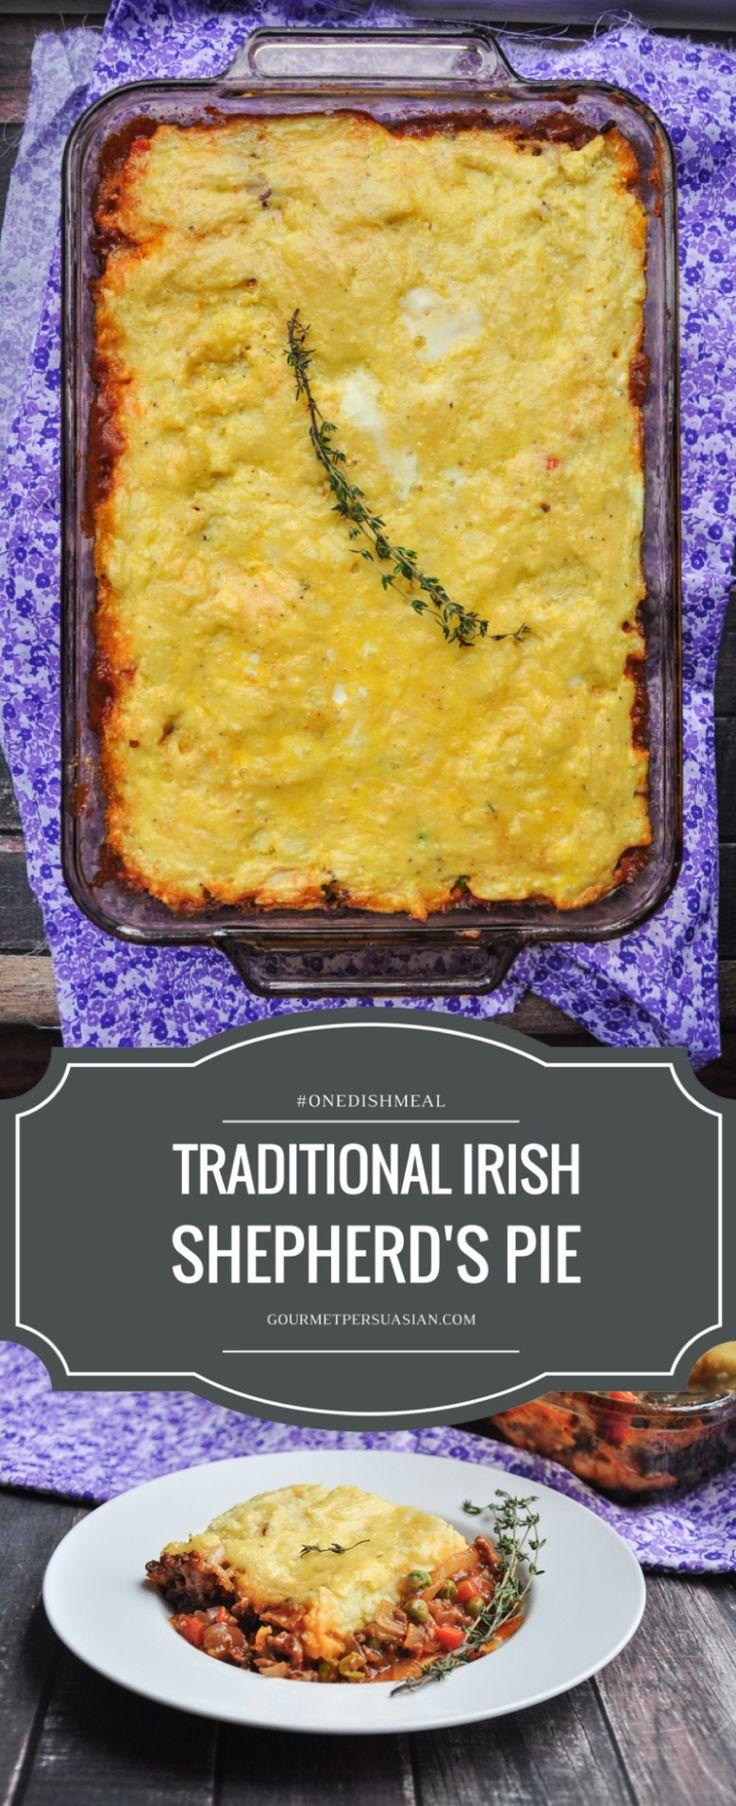 Traditional Irish Shepherd's Pie